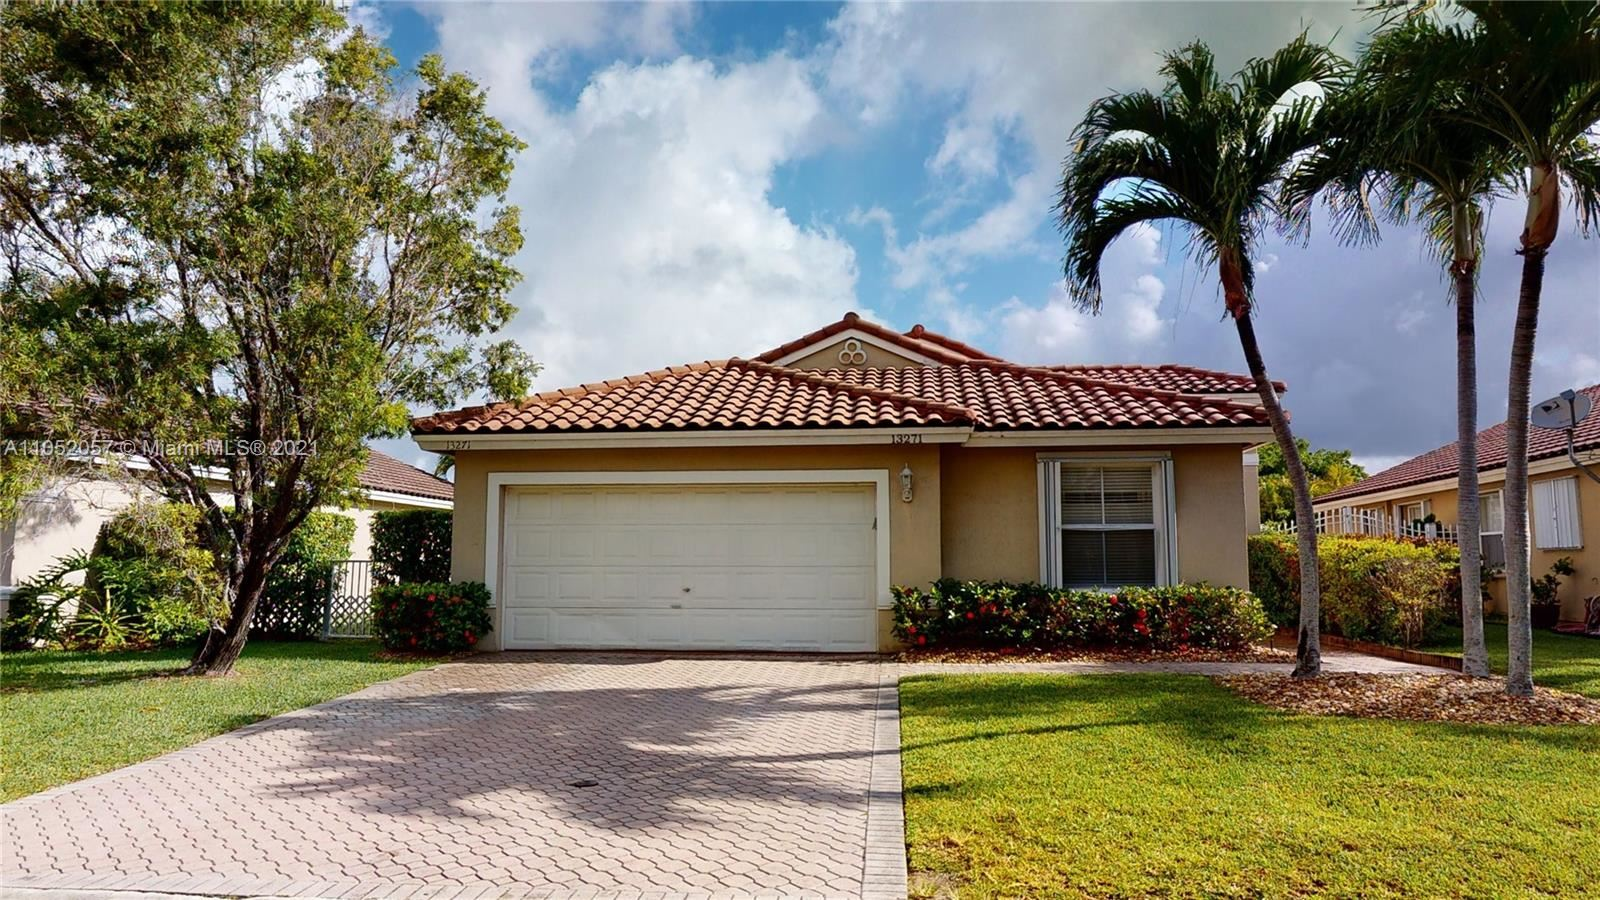 13271 SW 144th Ter, Miami, FL 33186 - #: A11052057